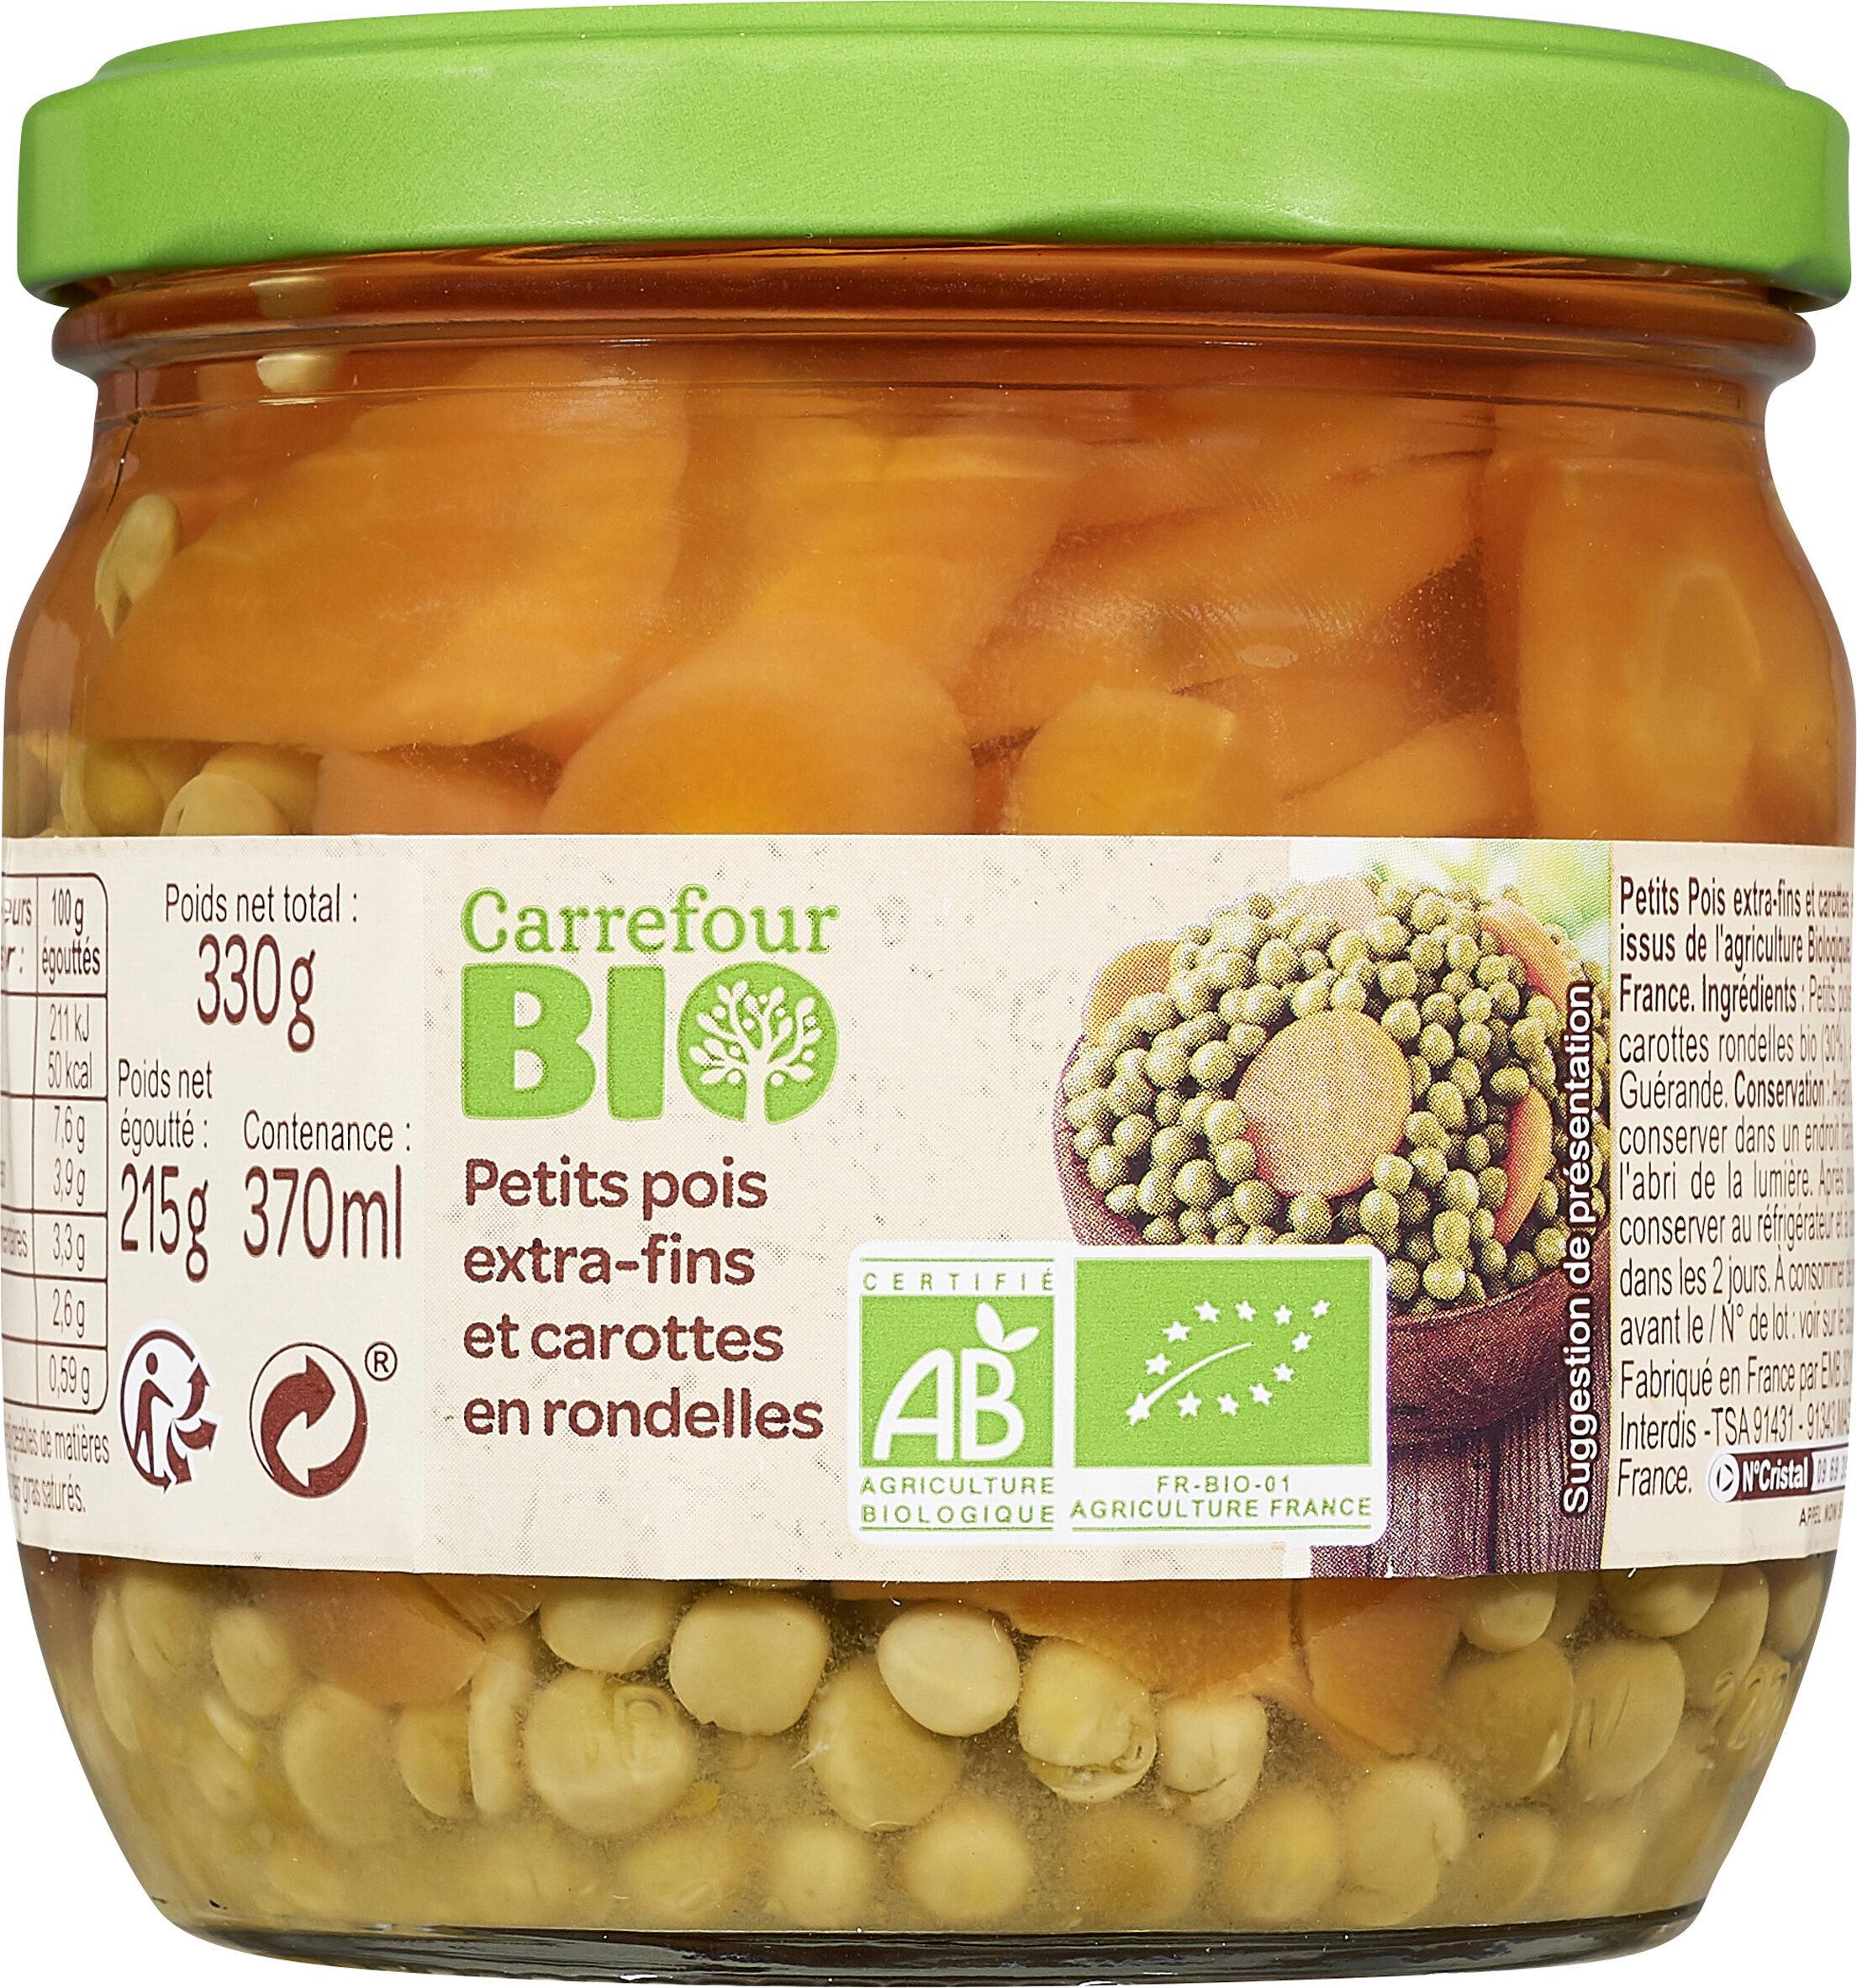 Petits pois extra-fins et carottes en rondelles - Produit - fr